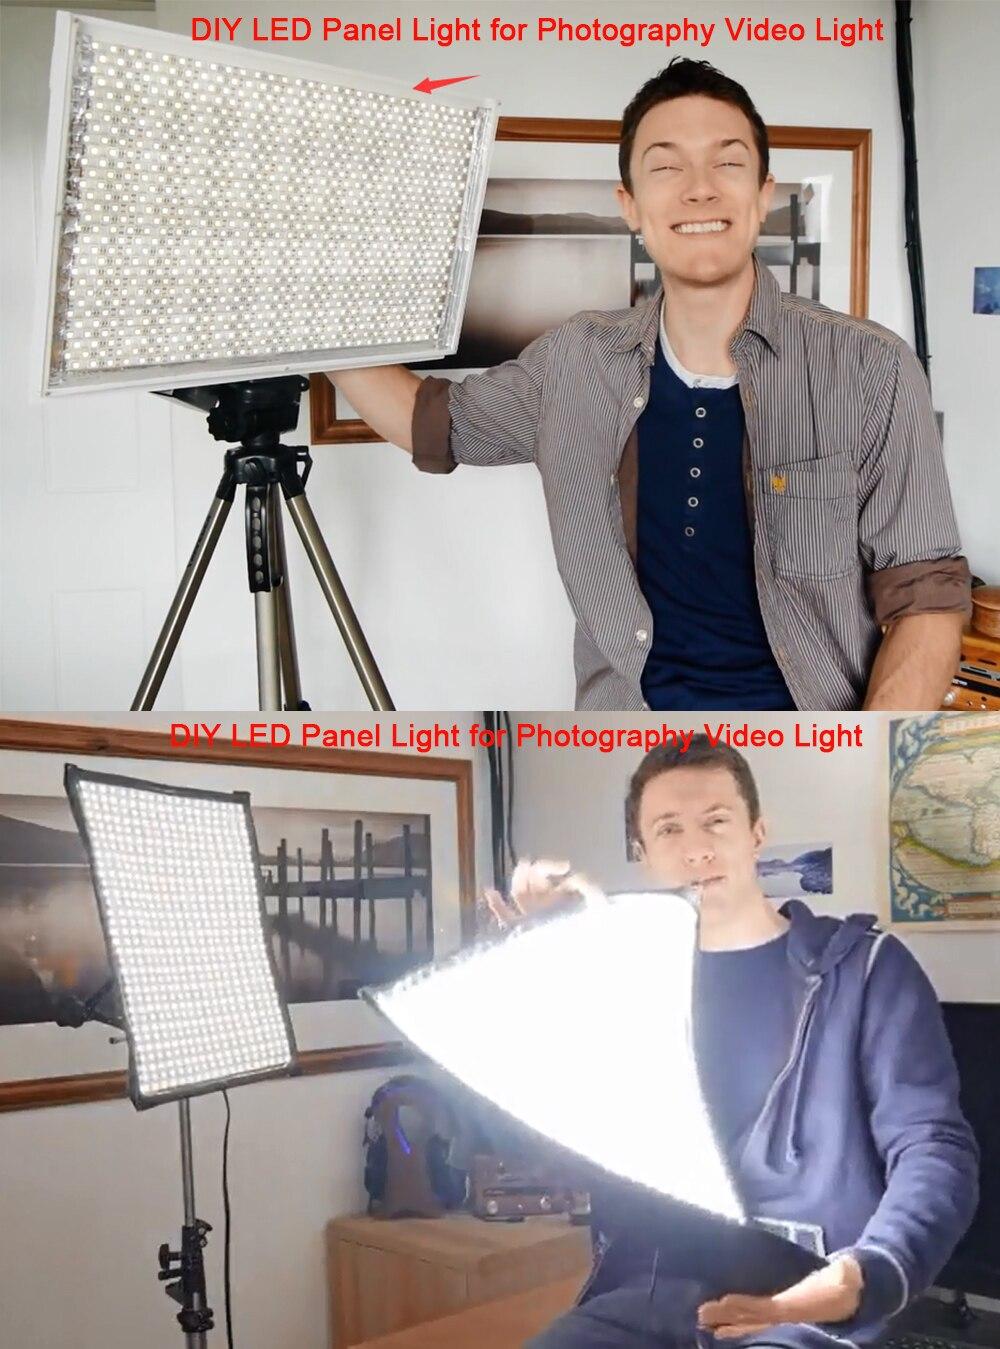 Marswalled alta cri ra 90 +/95 +/97 + led luz de tira smd5630 luz do dia branco 5600 k para a fotografia da câmera diy conduziu a luz do painel